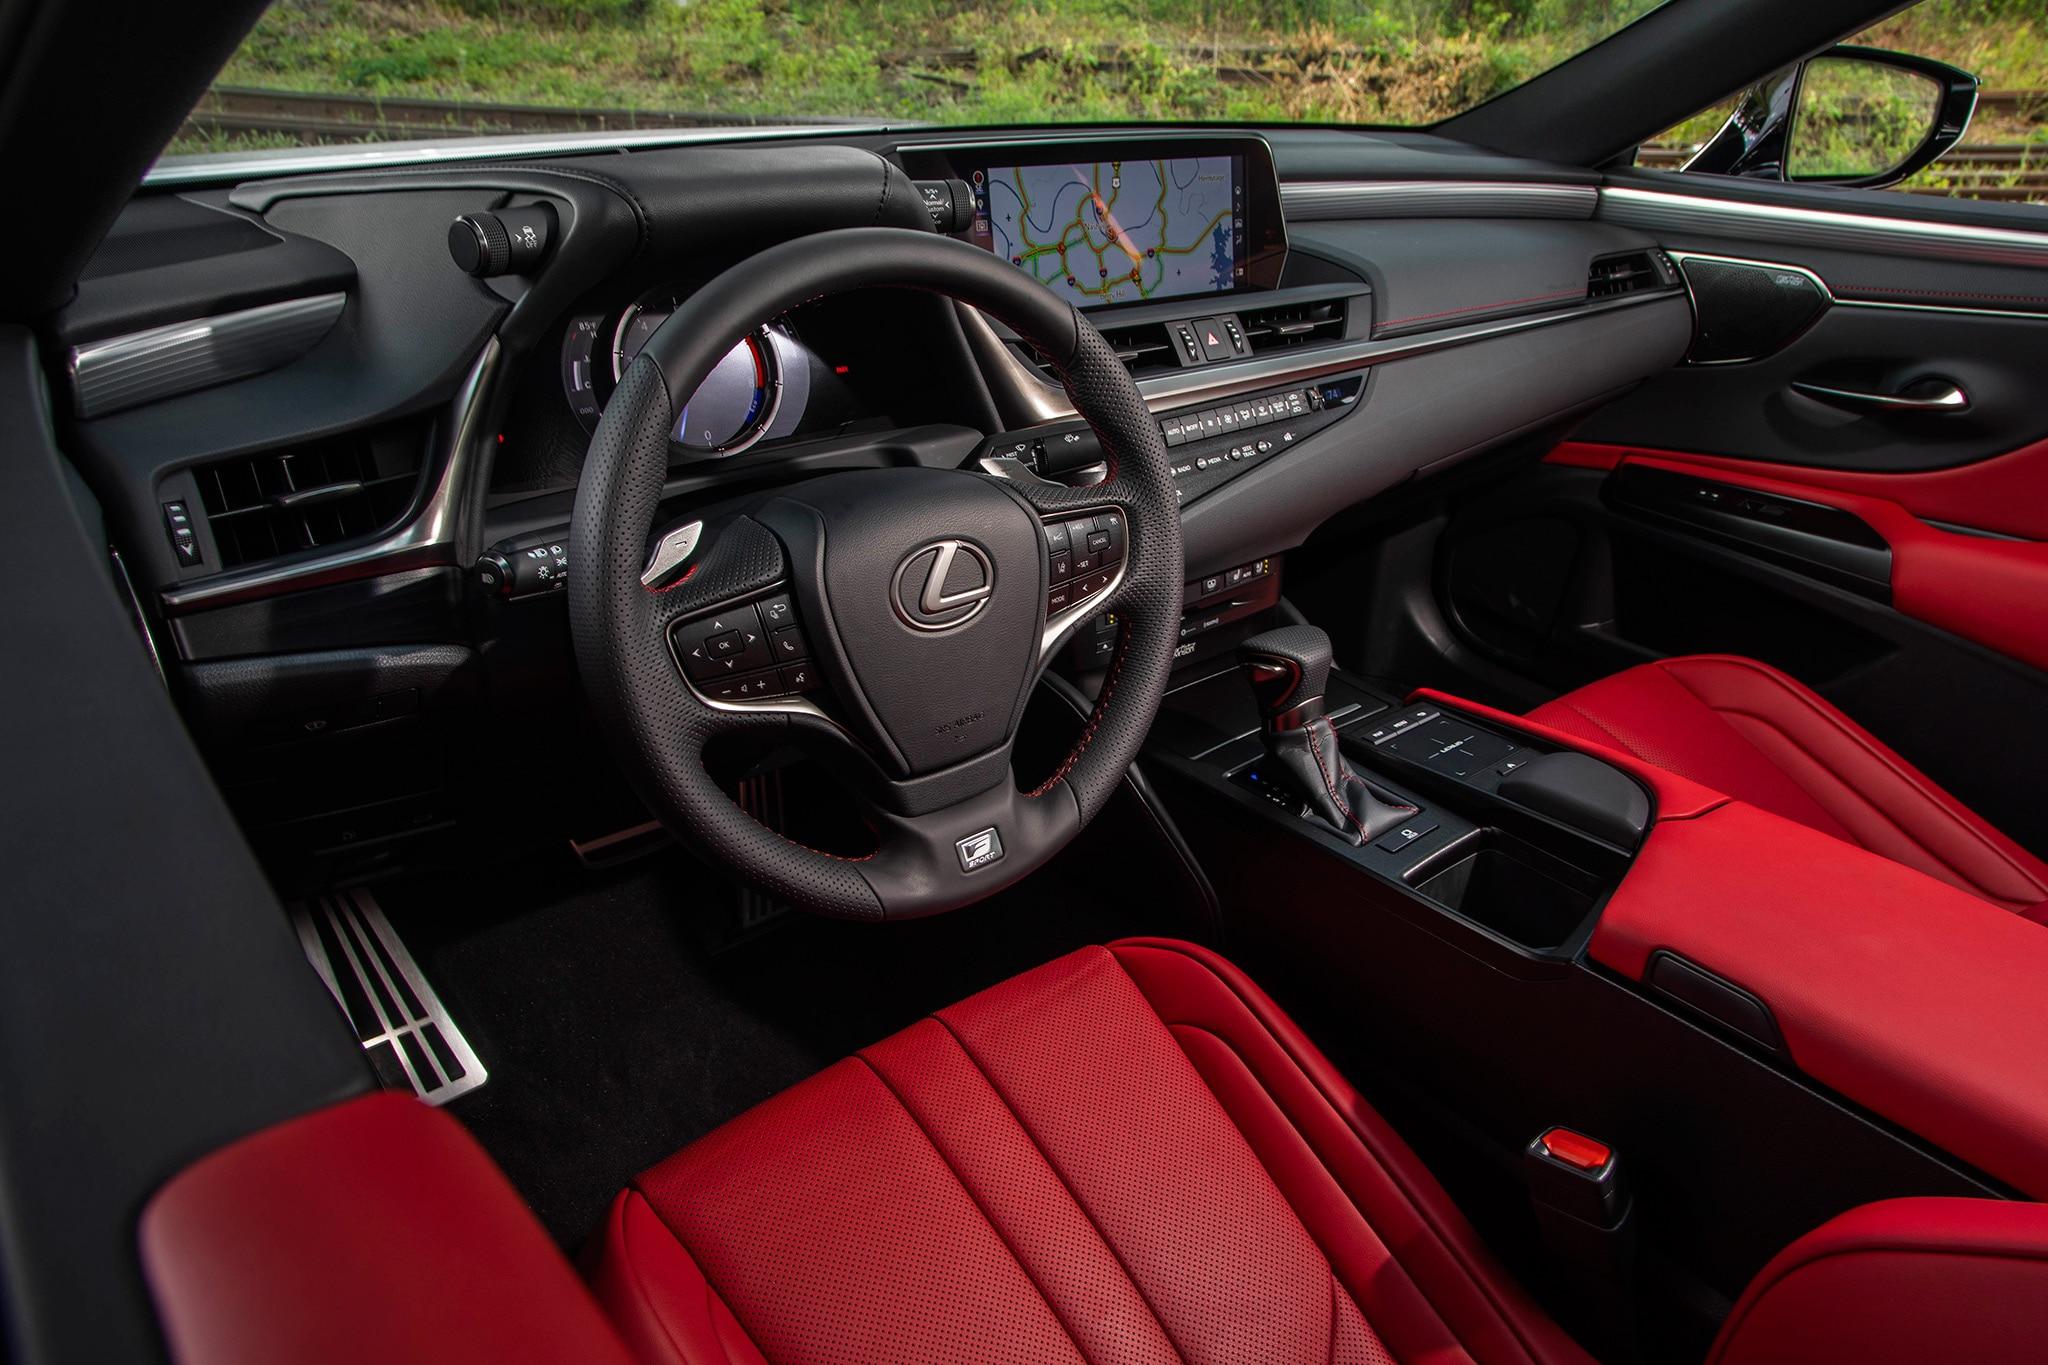 2018 Lexus Es 350 >> GALLERY: 2019 Lexus ES 350 F-Sport | Automobile Magazine